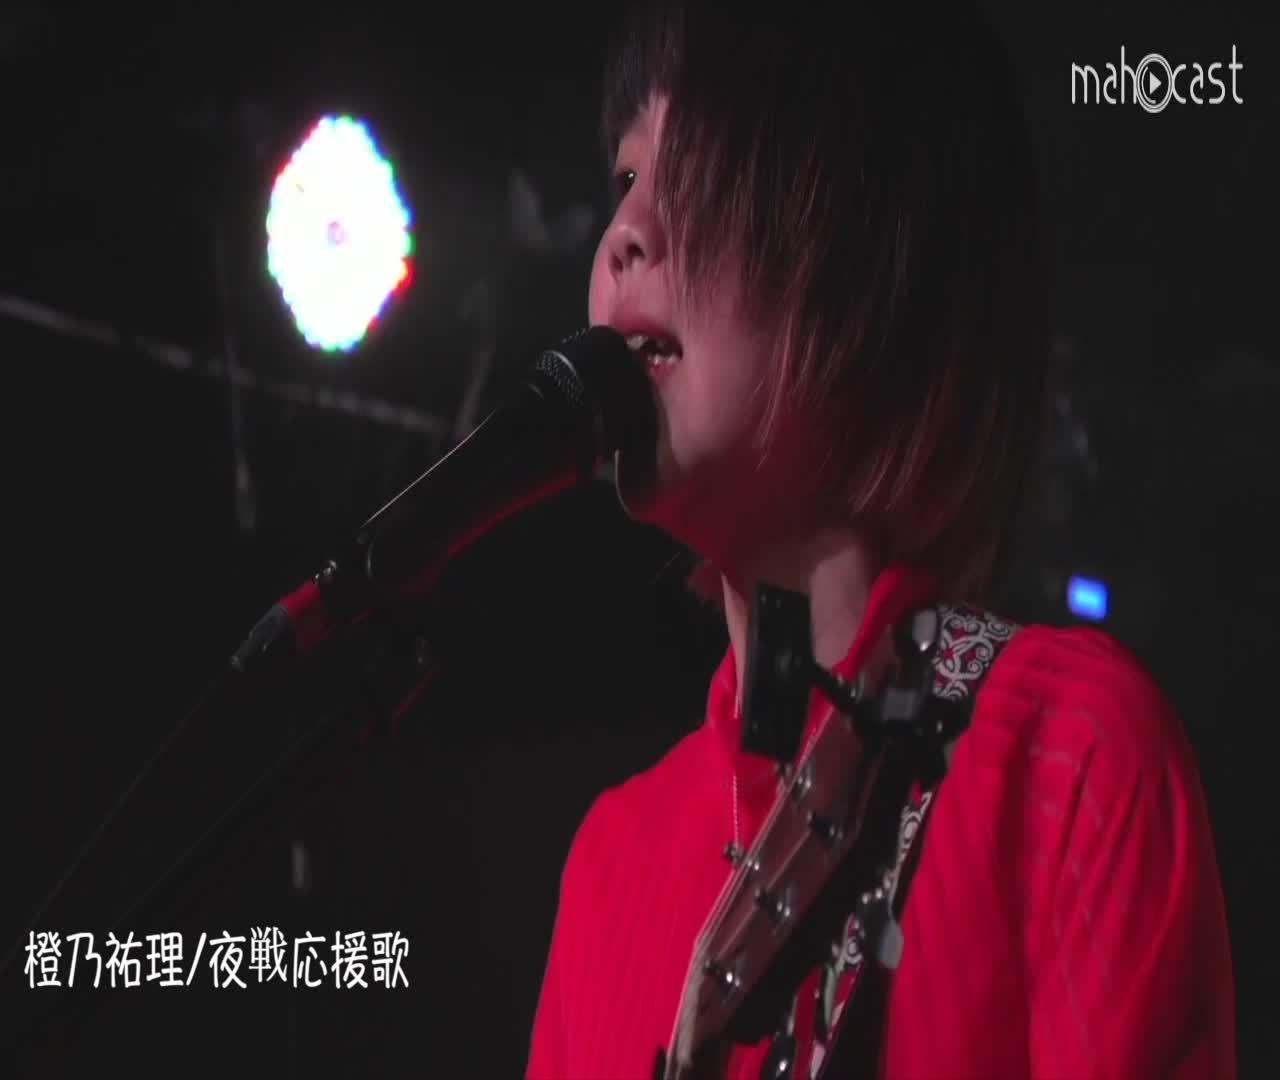 橙乃祐理/夜戦応援歌